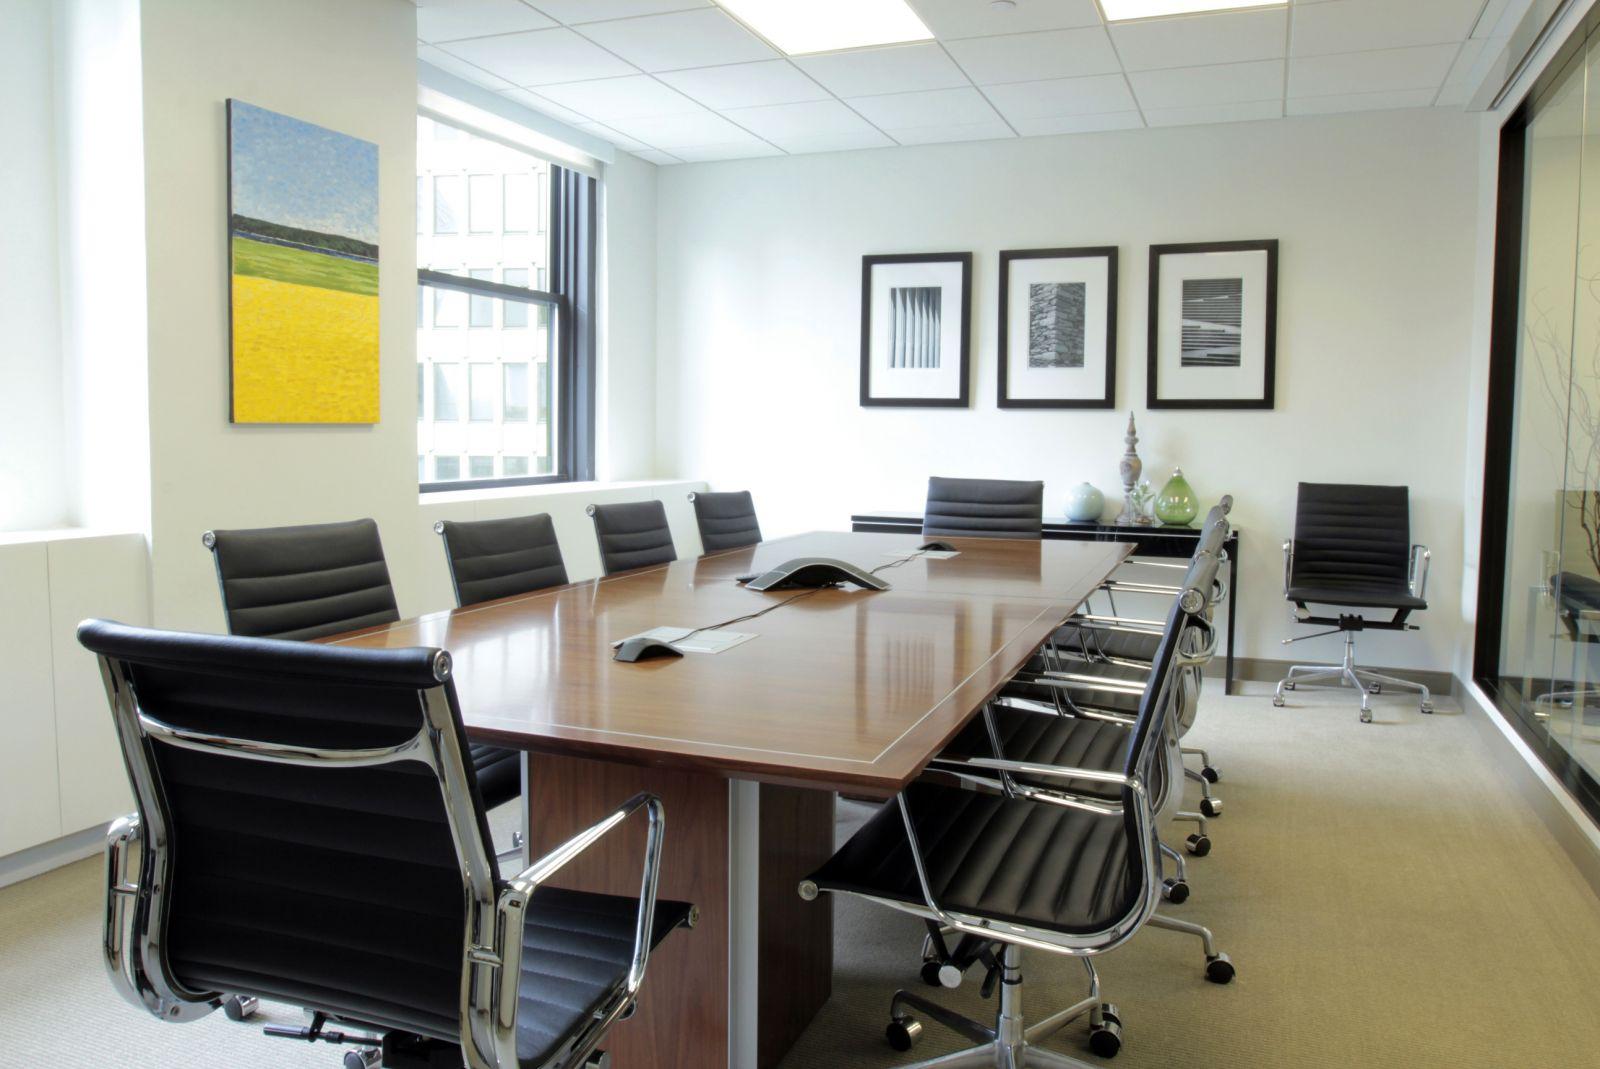 Sea Office hy vọng mang đến môi trường làm việc thân thiện, tiện nghi nhất cho doanh nghiệp